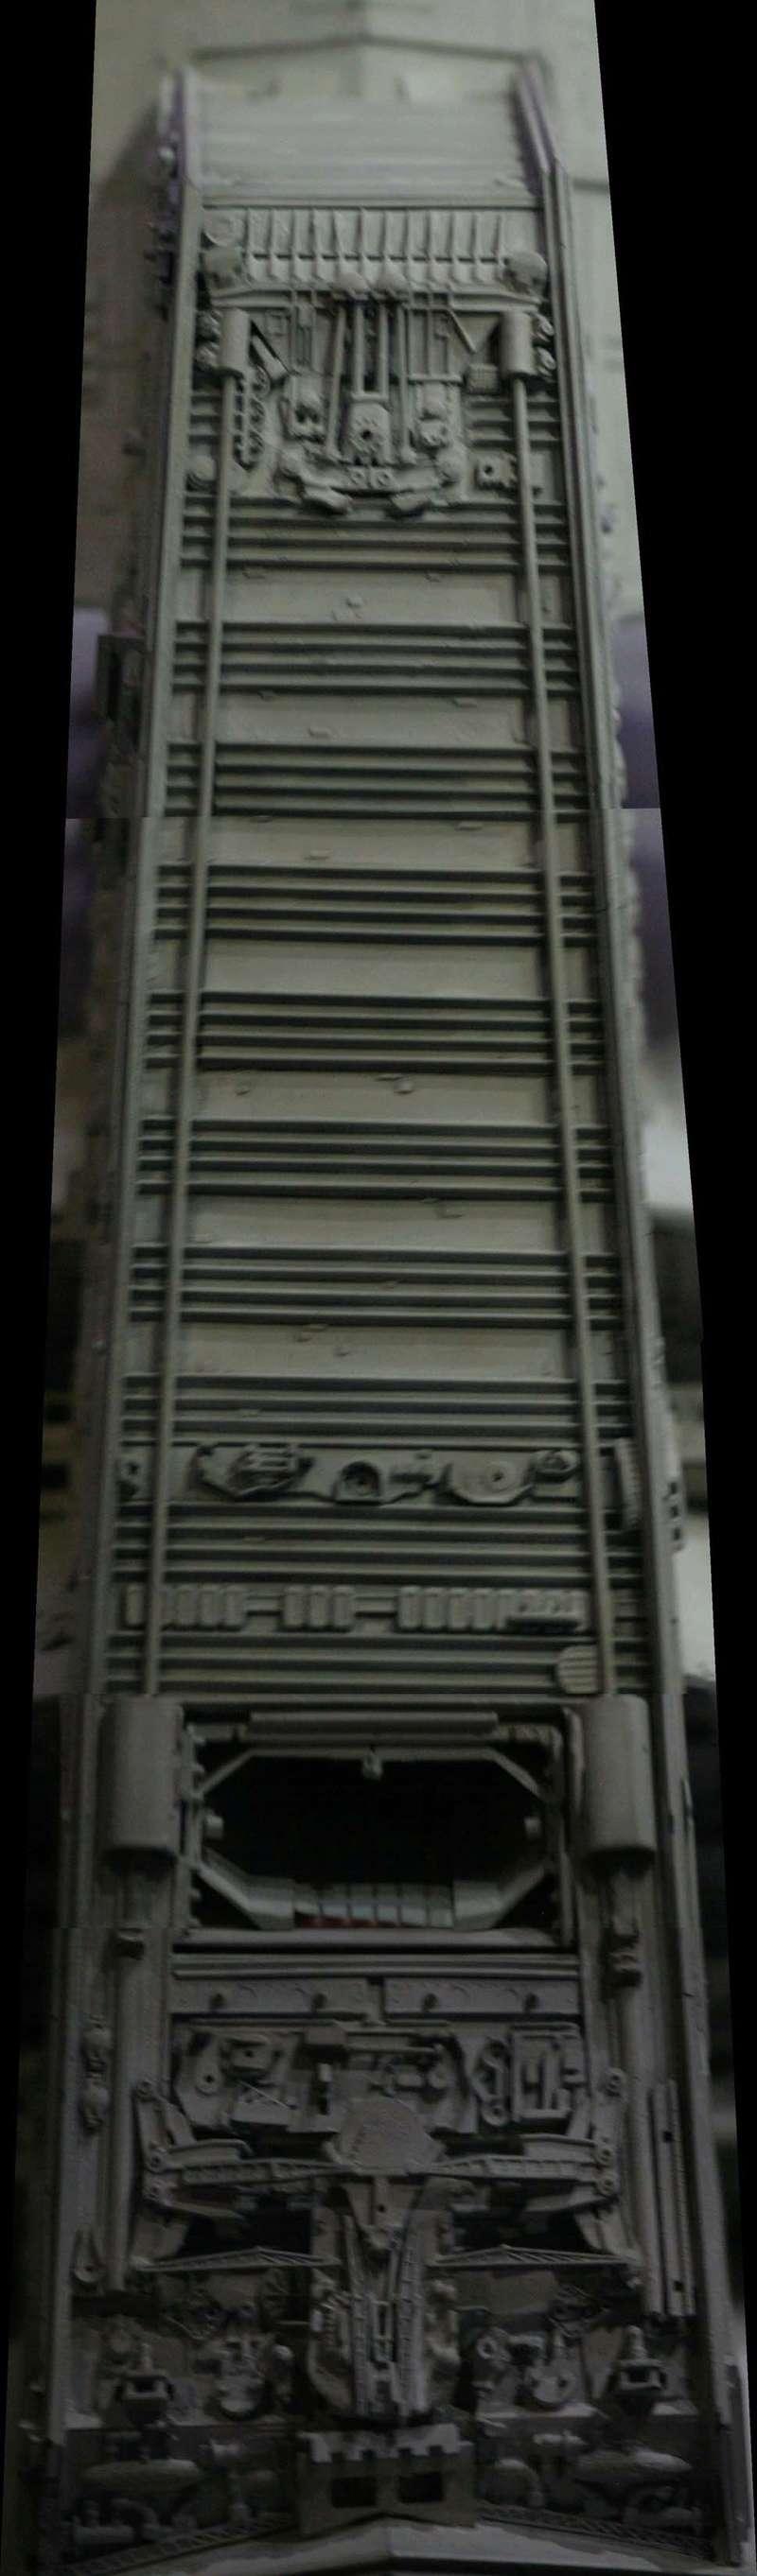 LrdSatyr's Star Destroyer Build (PIC HEAVY) Avgisd10